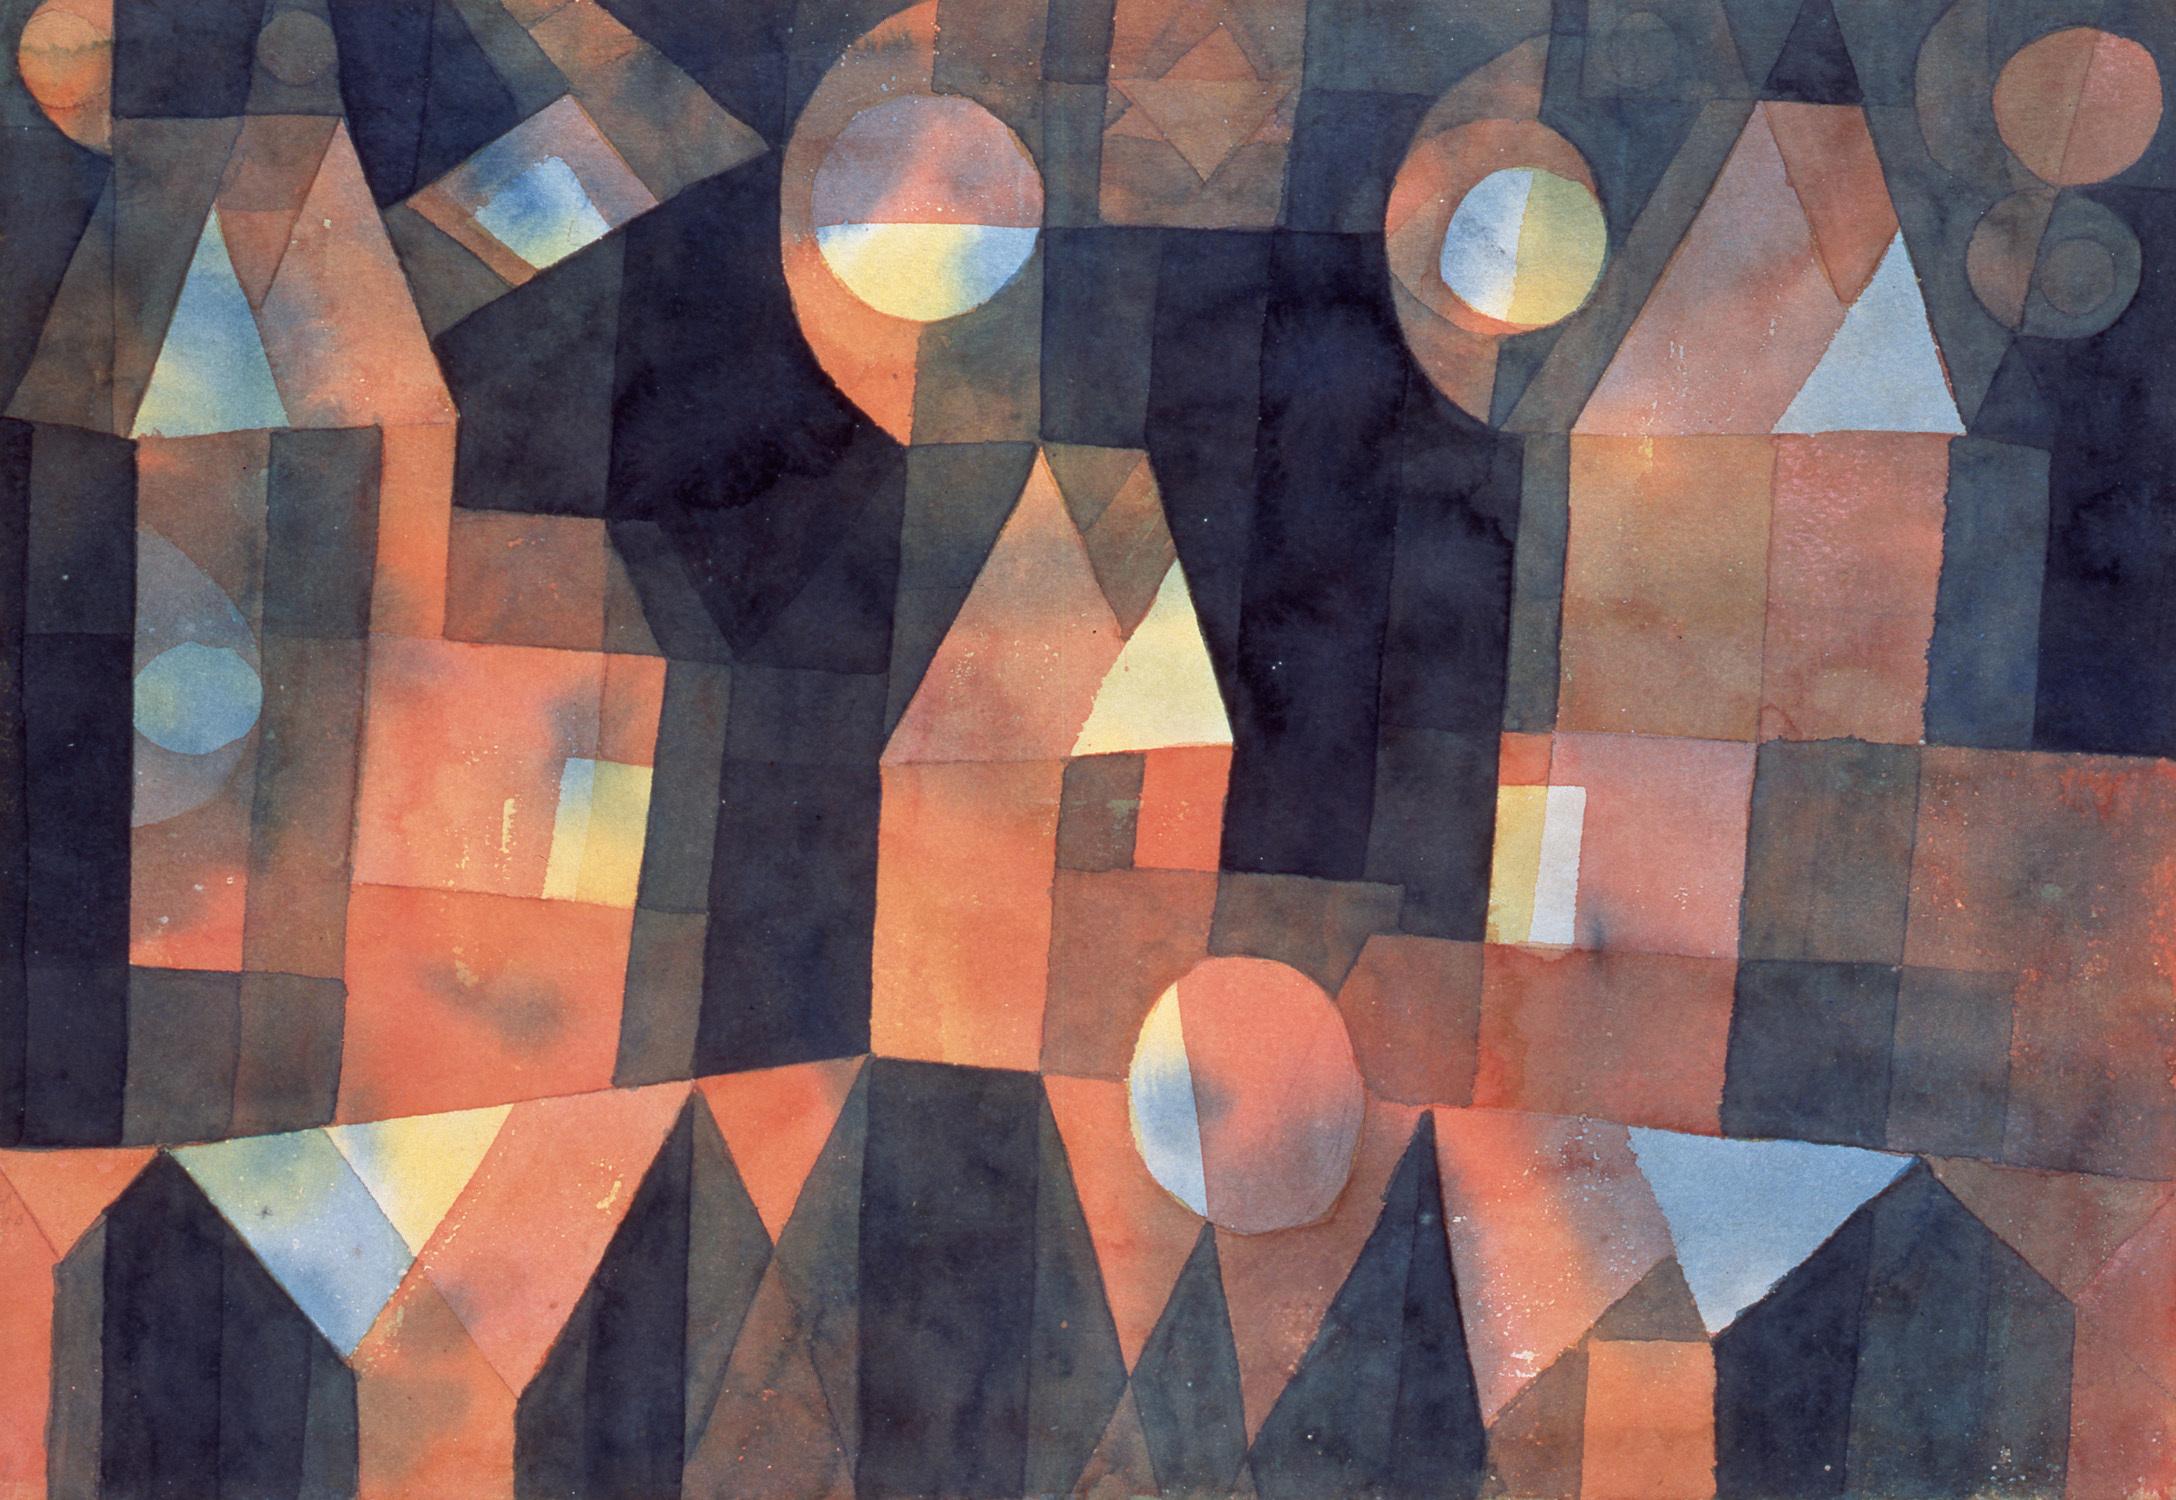 パウル・クレー《橋の傍らの三軒の家》1922年 宮城県美術館蔵